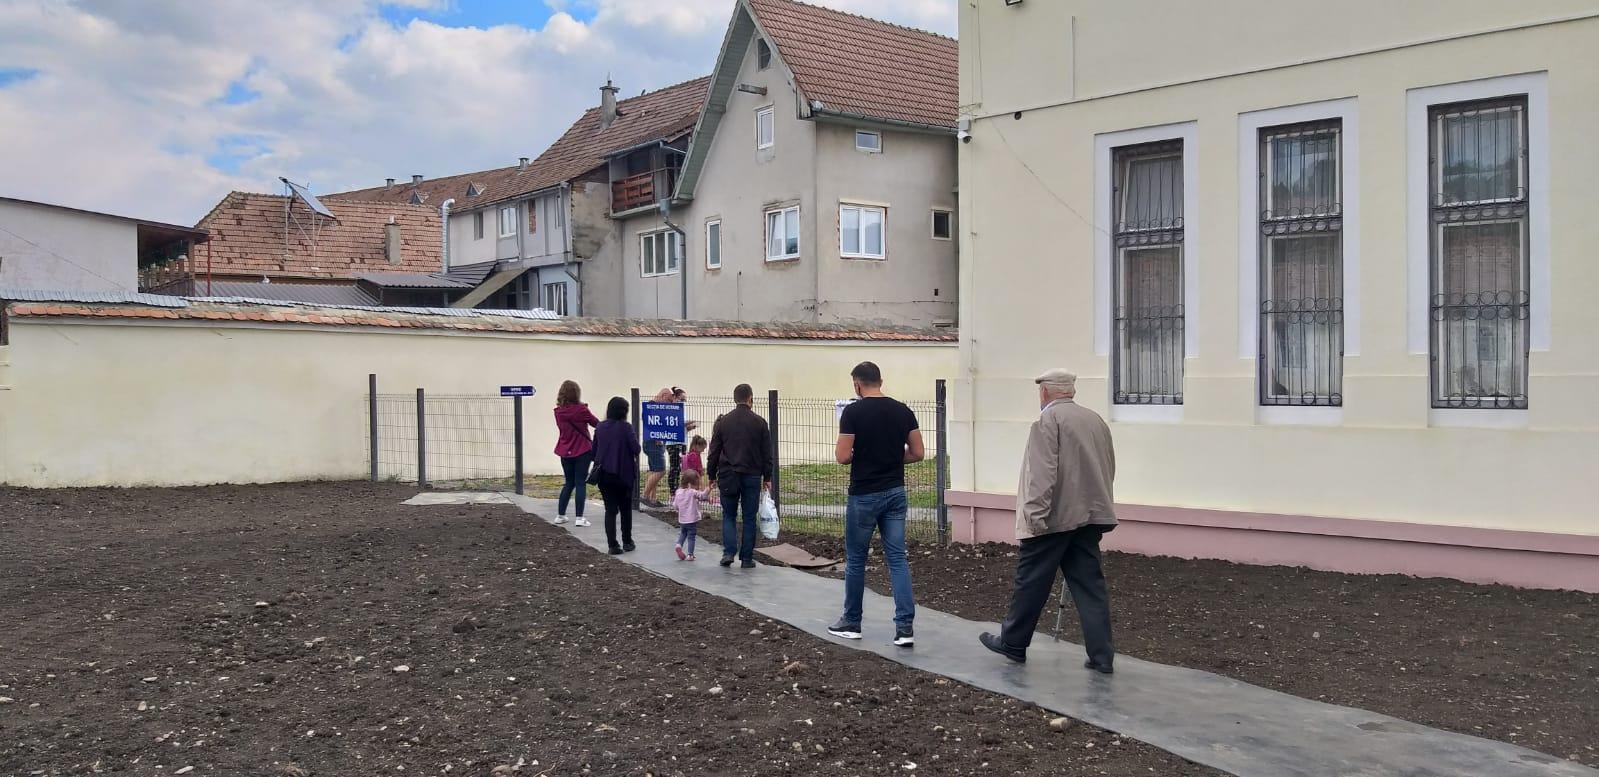 Cum au votat cei din cartierul Arhitecților: jumătate au mers pe mâna unui singur candidat